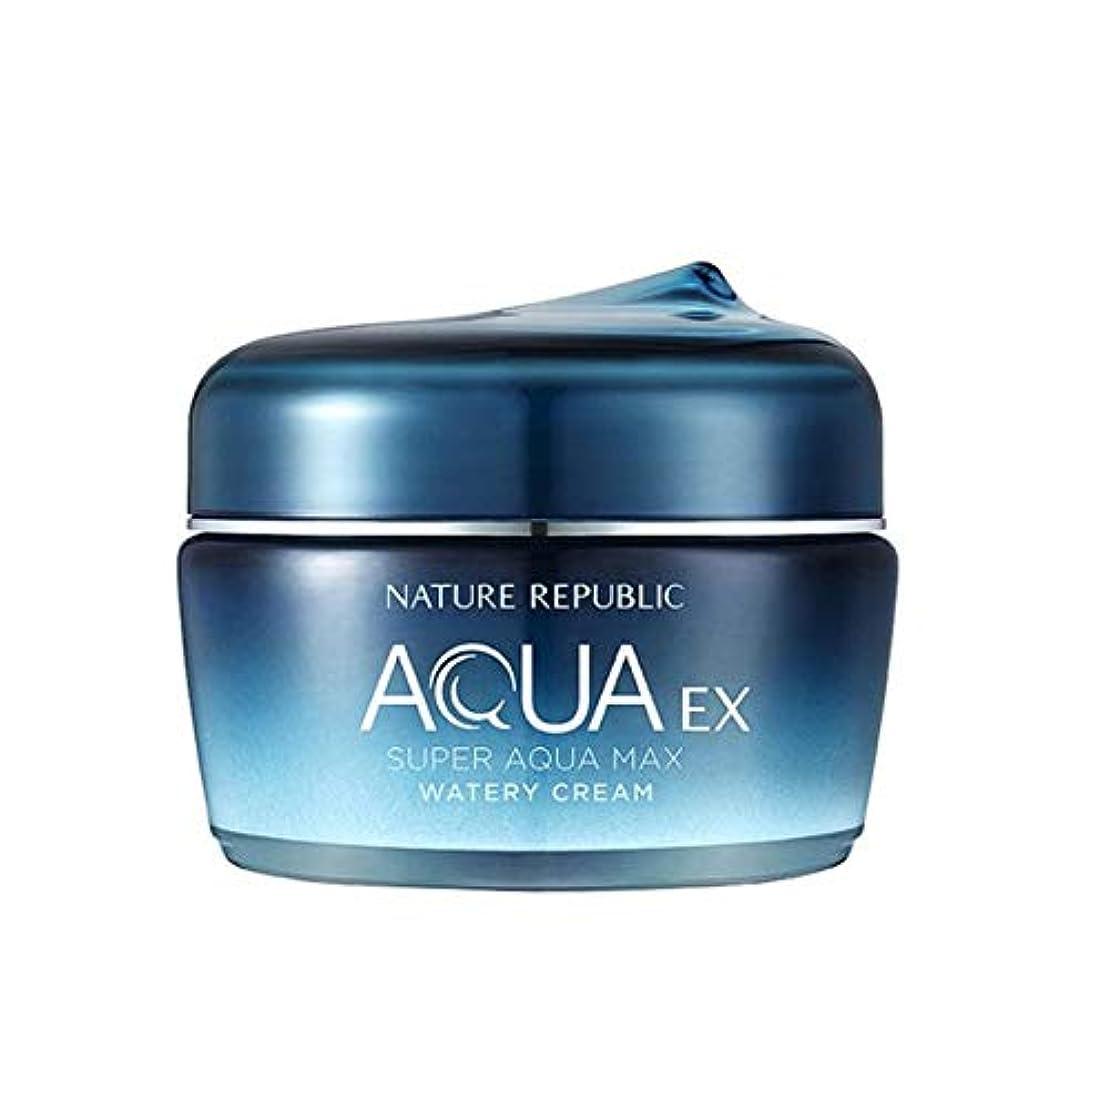 発送登山家シリーズネイチャーリパブリックスーパーアクアマックスEX水分クリーム80ml韓国コスメ、Nature Republic Super Aqua Max EX Watery Cream 80ml Korean Cosmetics [...